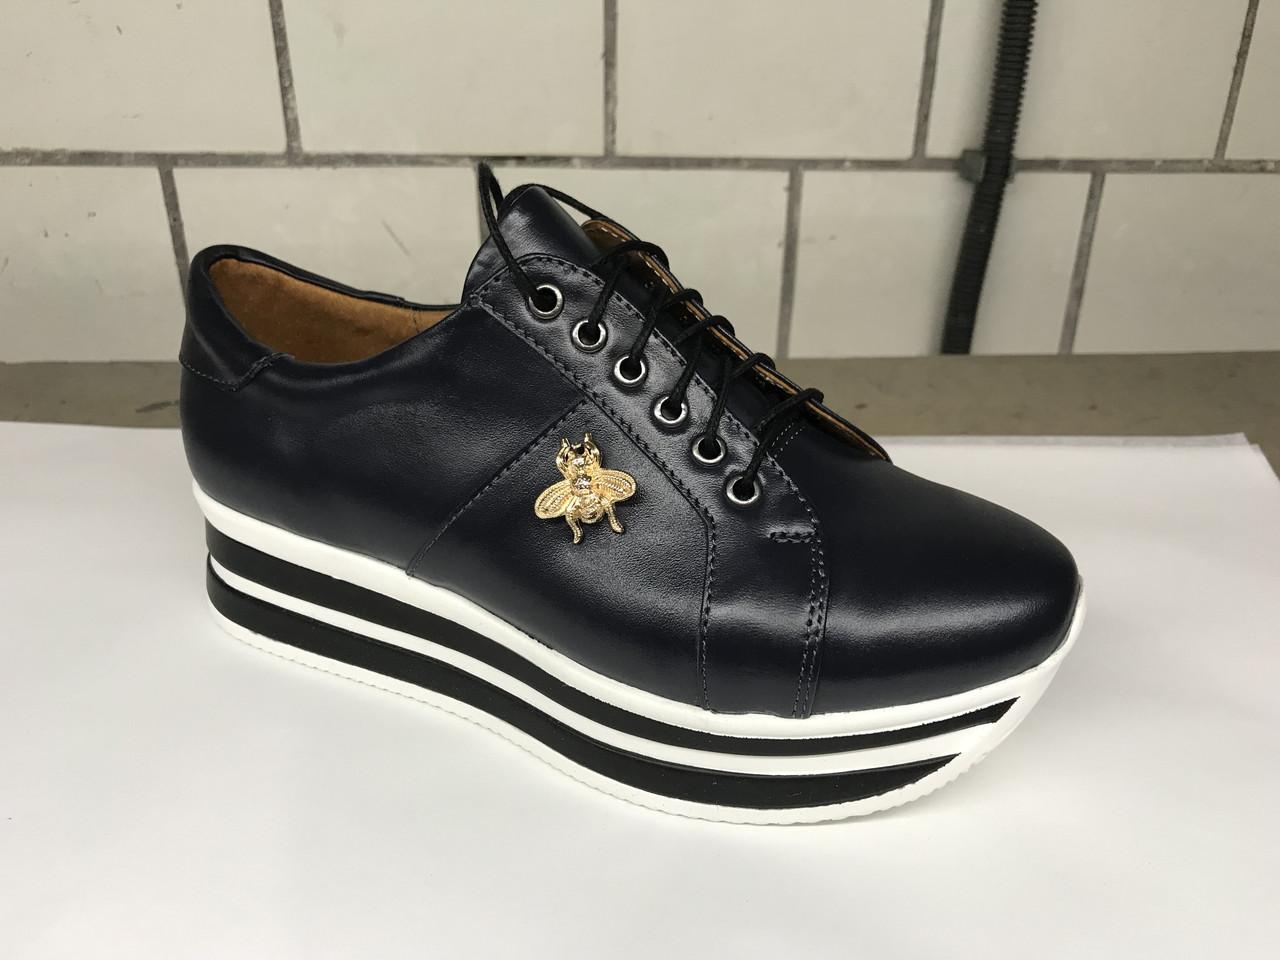 Кожаные кроссовки на танкетке. Украинский бренд. Опт и розница - Интернет  магазин